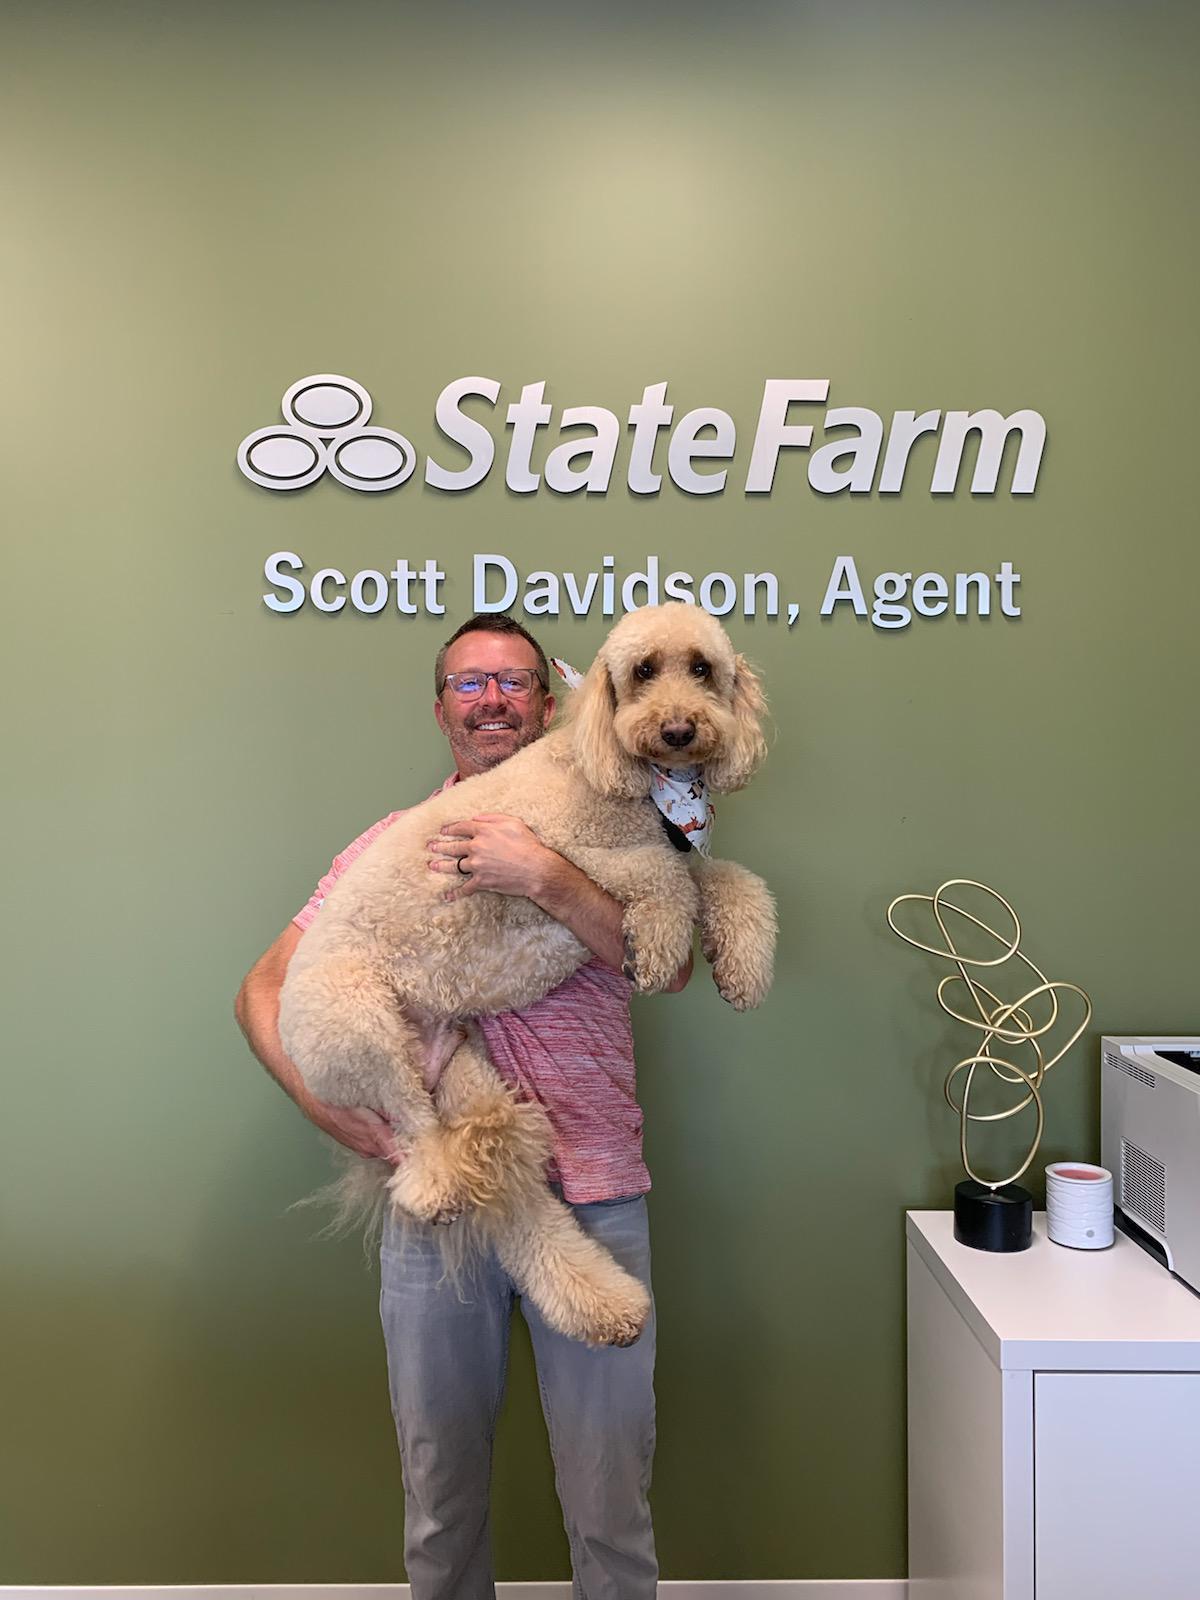 Scott Davidson - State Farm Insurance Agent